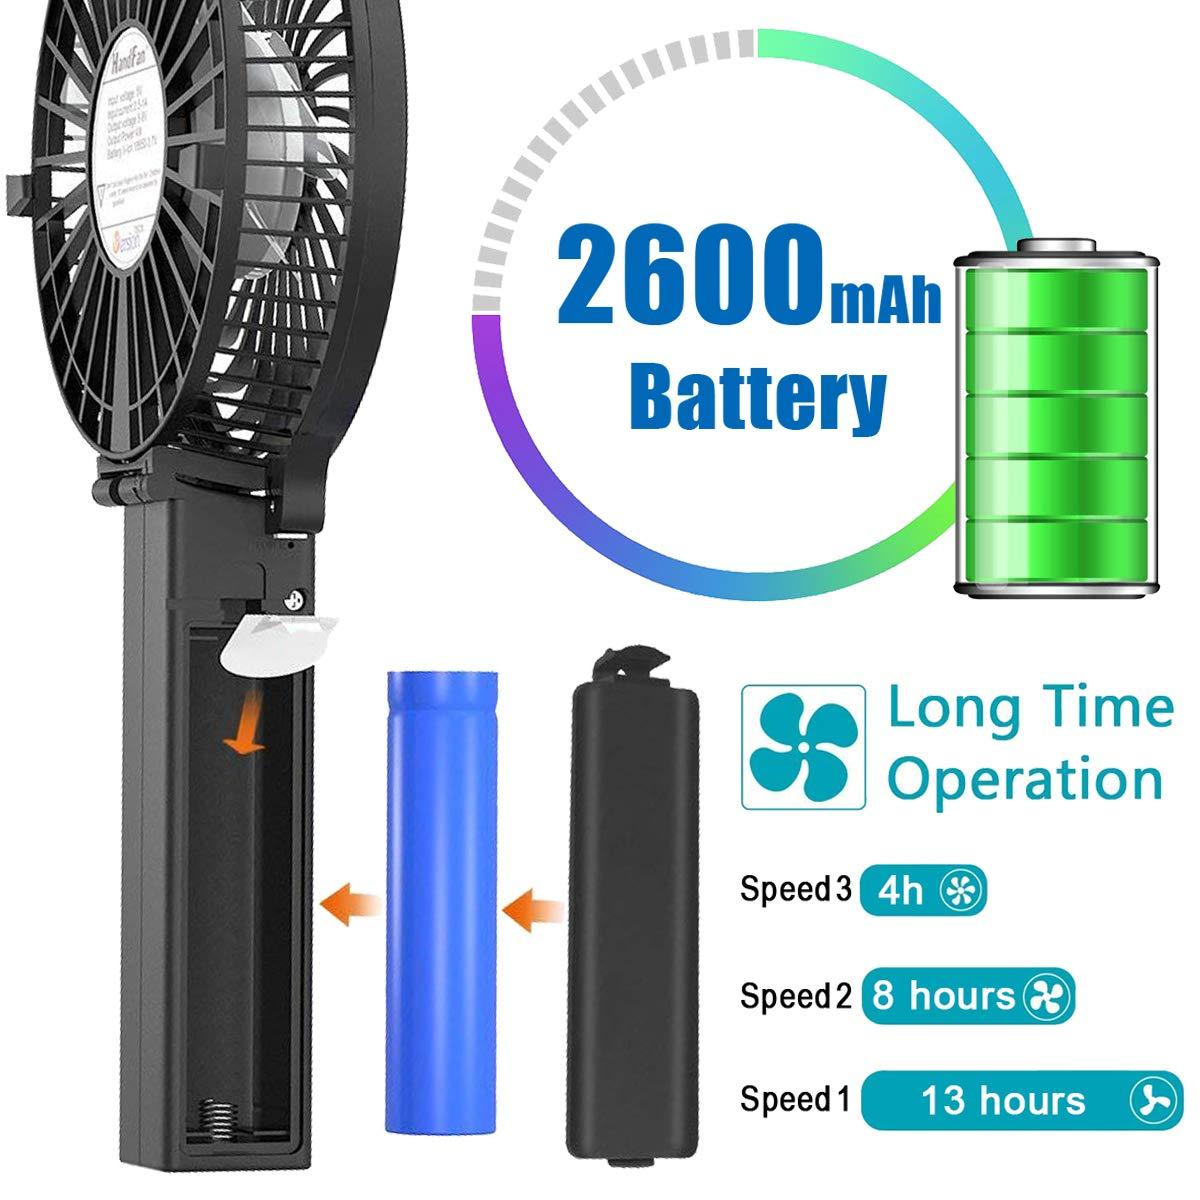 Victoper Mini Ventilatore Portatile Blu Ventilatore da Tavolo a 3 velocit/à Manico Pieghevole per la Casa Ufficio//Esterno//Campeggio Mini Ventilatore USB Ricaricabile Ventola a Batteria 2600mAh